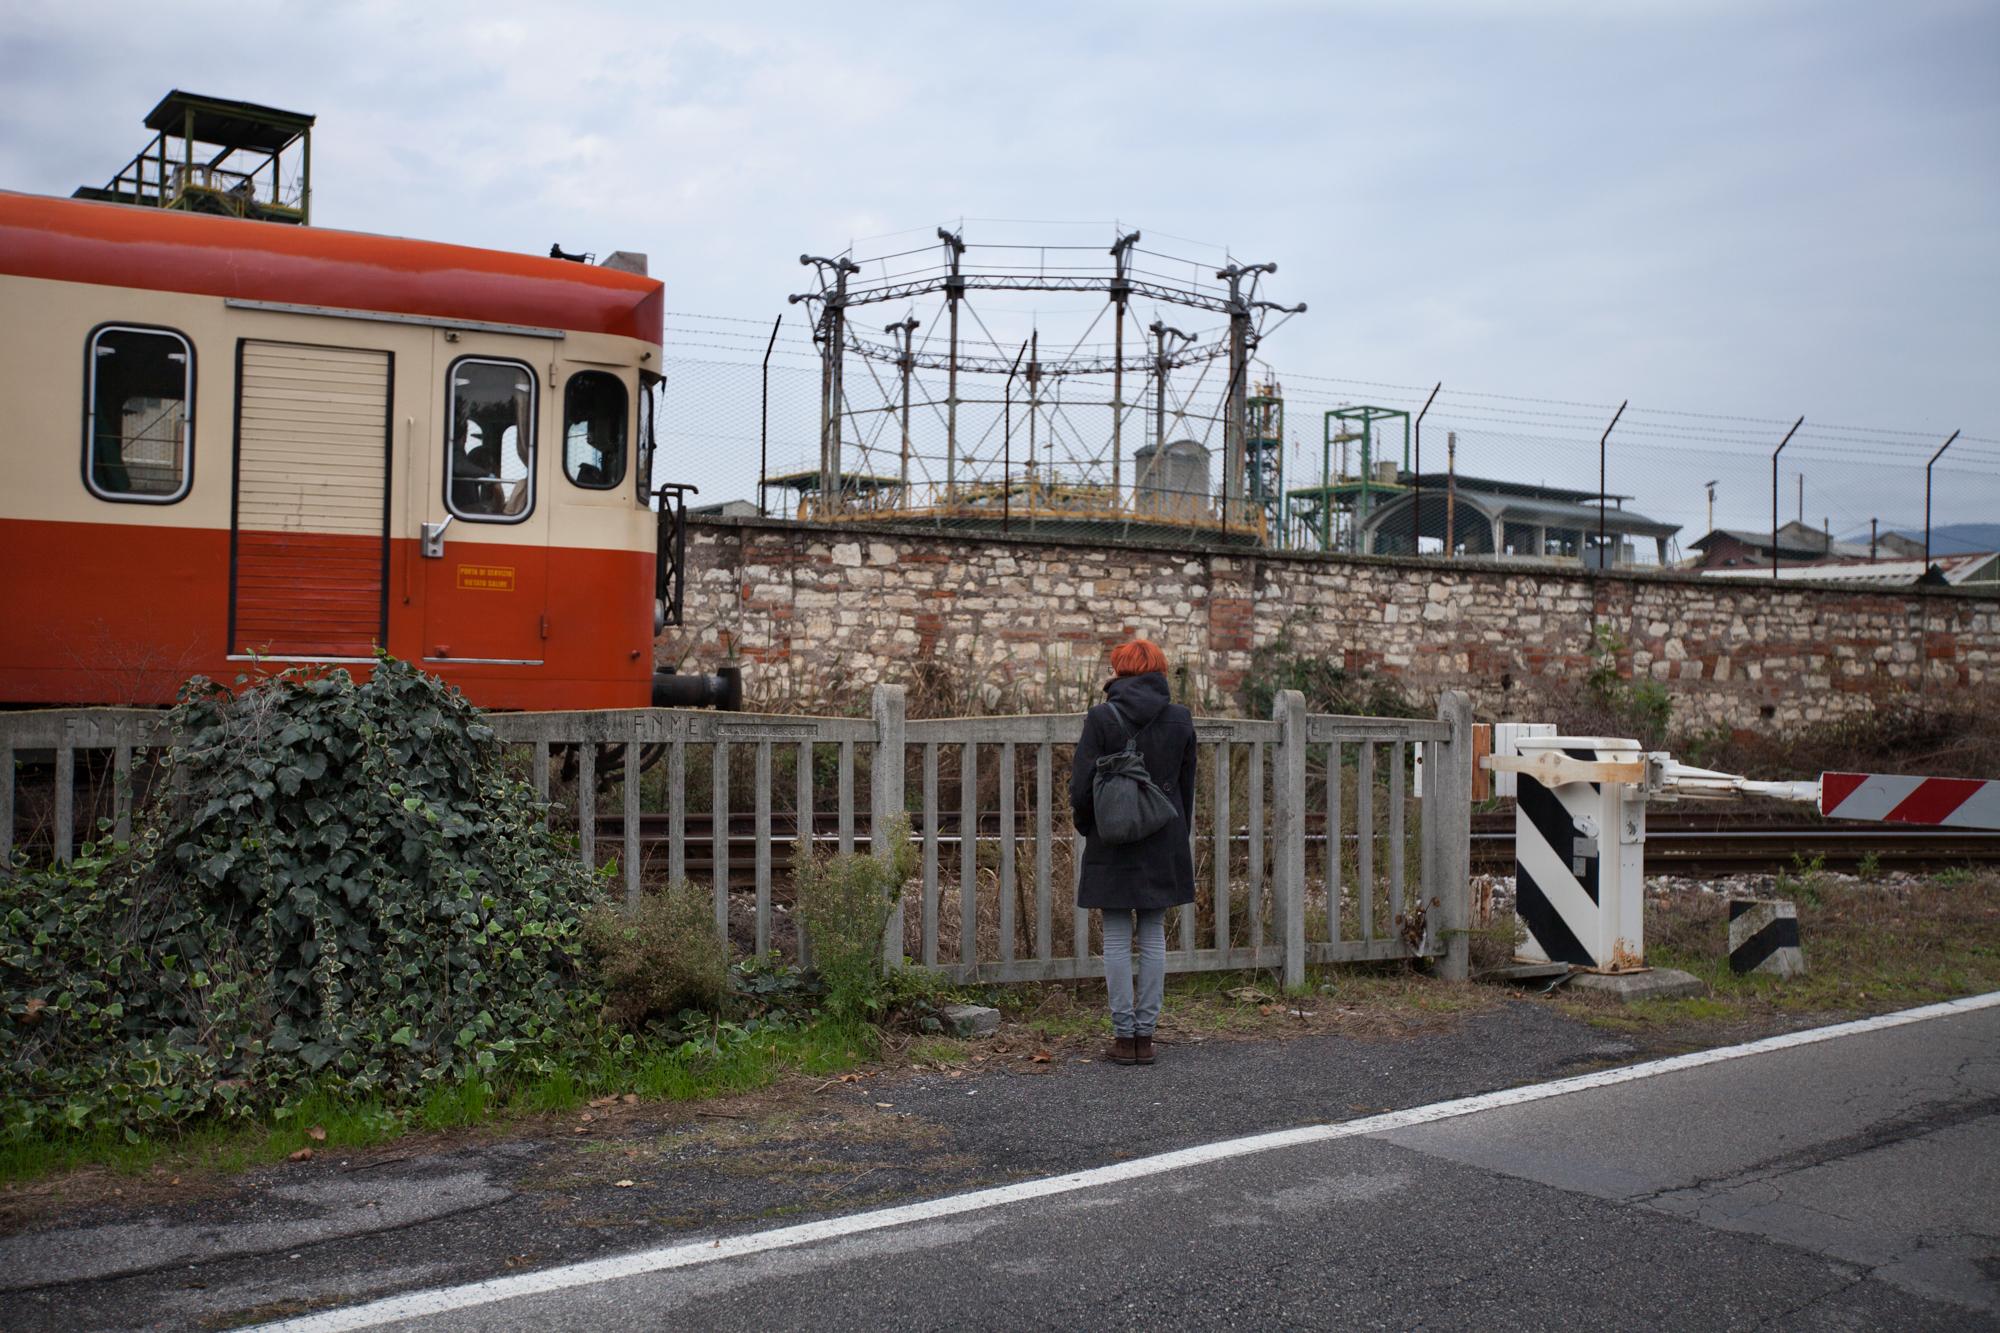 Muro di cinta dell'industria chimica Caffaro, nel centro di Brescia. Alla base del muro vicino ai binari vi lo scarico attraverso il quale defluivano nell'acqua le sostanze inquinanti.